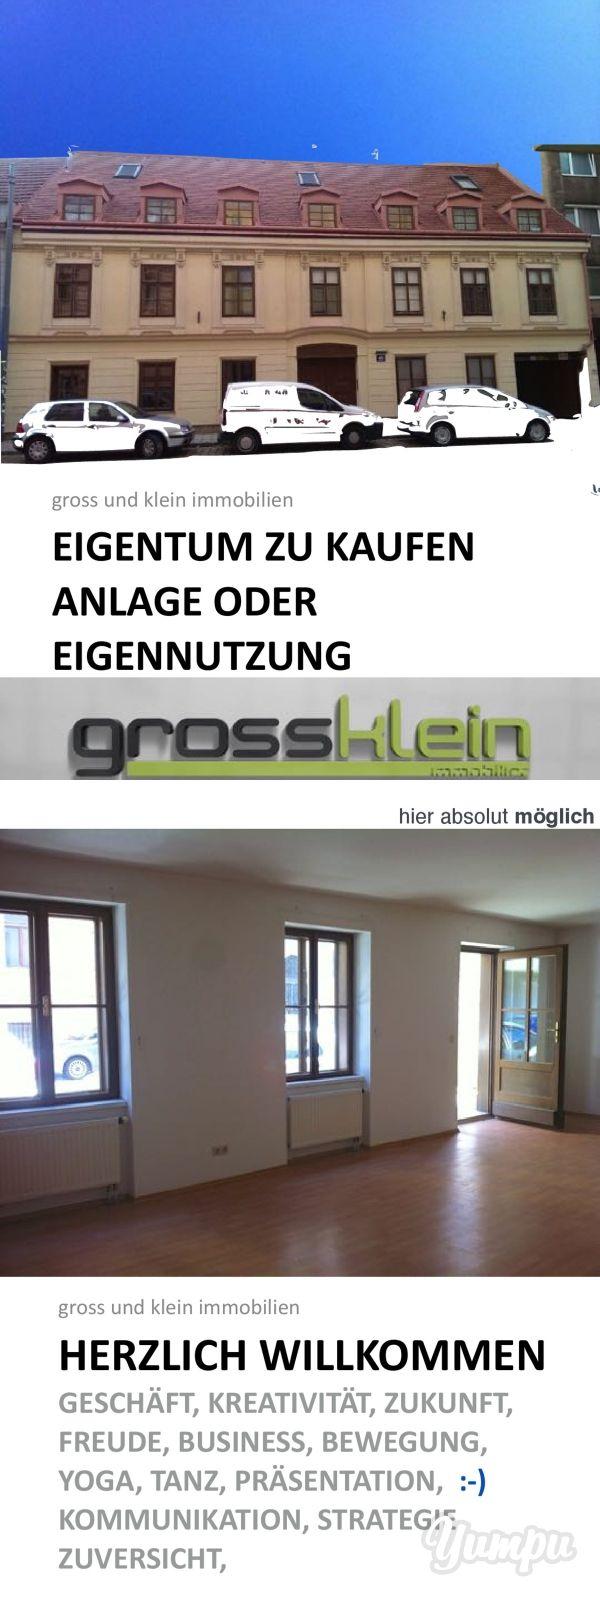 EIGENTUM(ZU(KAUFEN( ANLAGE(ODER(( EIGENNUTZUNG - Magazine with 10 pages: ein schönes Stückchen Wien  Zum Verkauf gelangt einca. 56 m² großes Büroin derNähe der Josefstädter Straße, 1080 Wien. Die zum Verkauf stehende Geschäftsfläche wurde bis vor kurzem noch als Büro gemietet. Es befindet sich in derAlbertgasseund ist aufgeteilt in einen großen Haupt/Arbeitsraum mit 2 Eingängen (Straßeneingang und auch vom Stiegeninnehaus begehbar), dahinterliegend befindet sich ein 2.Raum und ein…